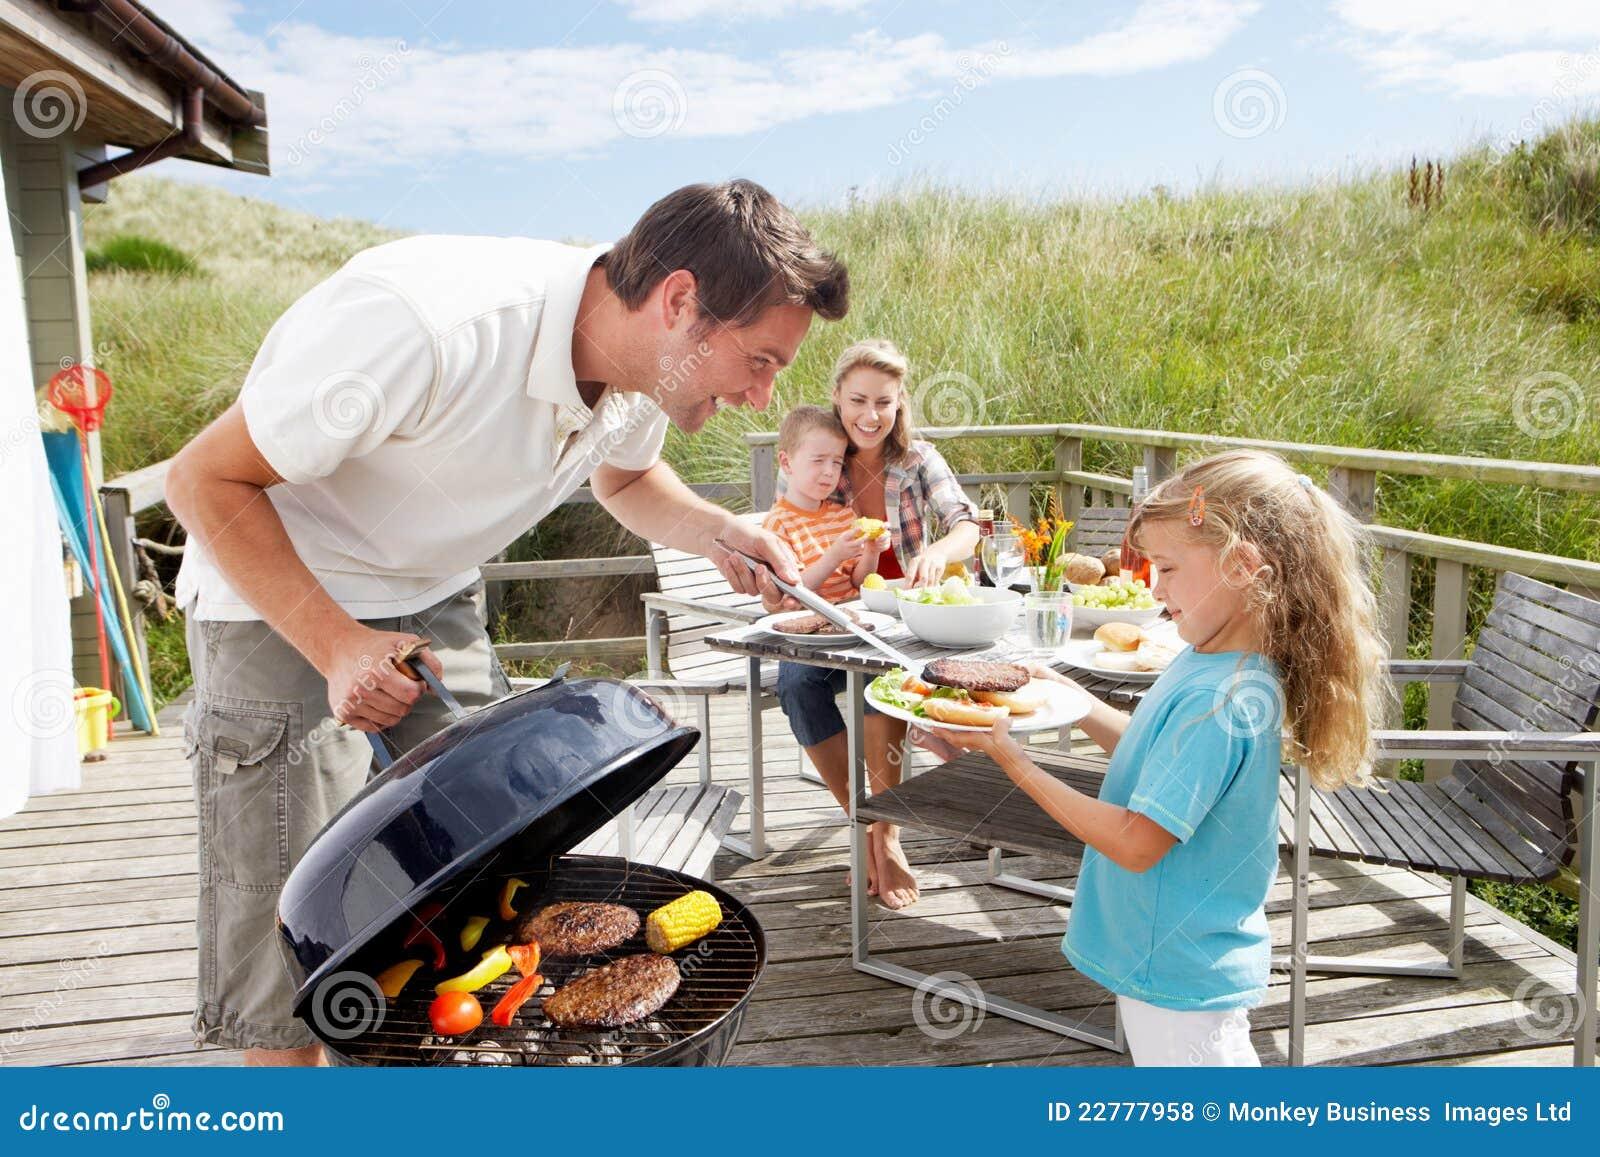 Familie auf den Ferien Grill habend